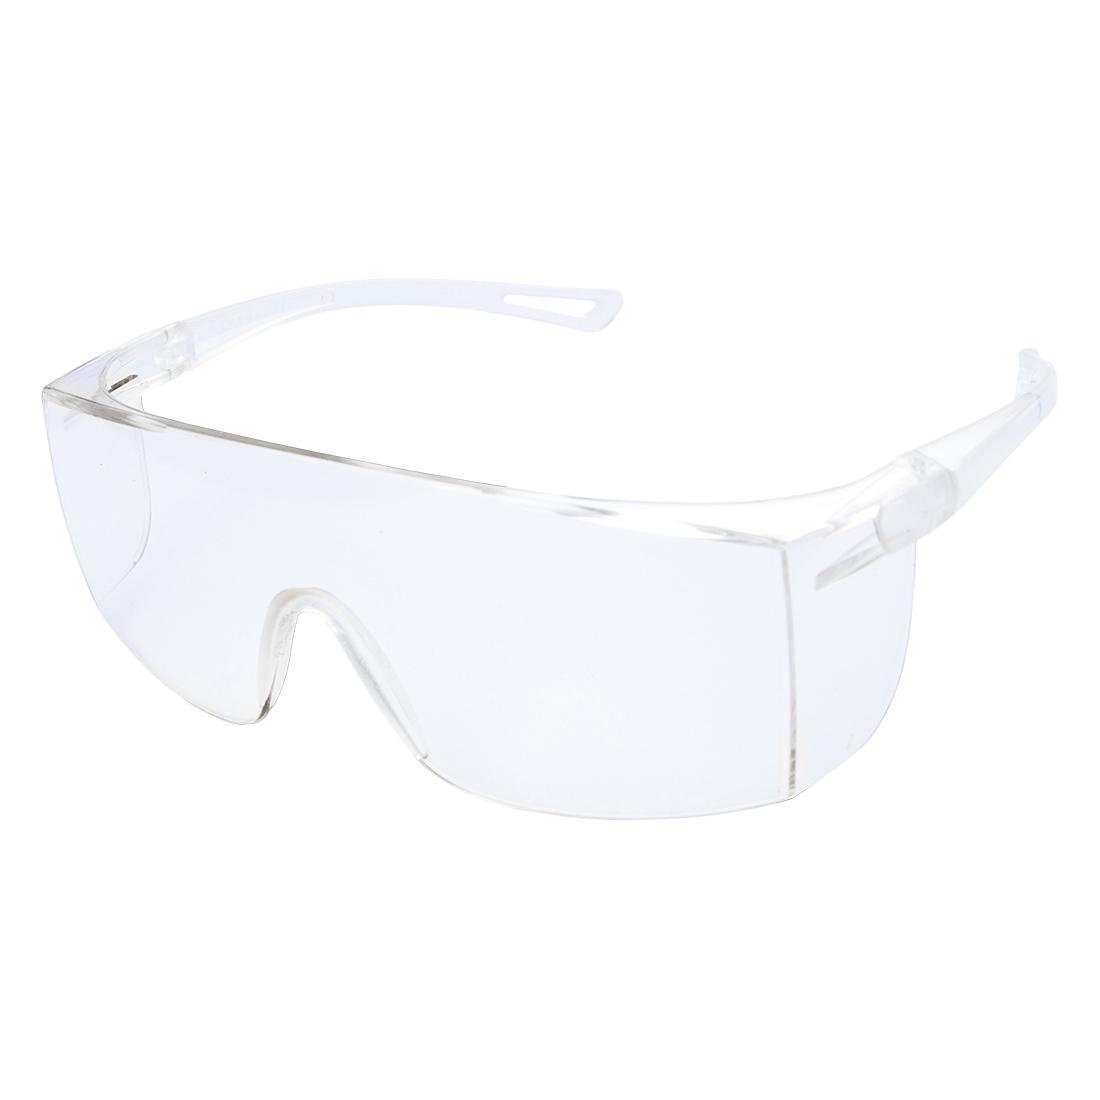 Óculos Proteção Multiuso UVA/UVB Sky Clear